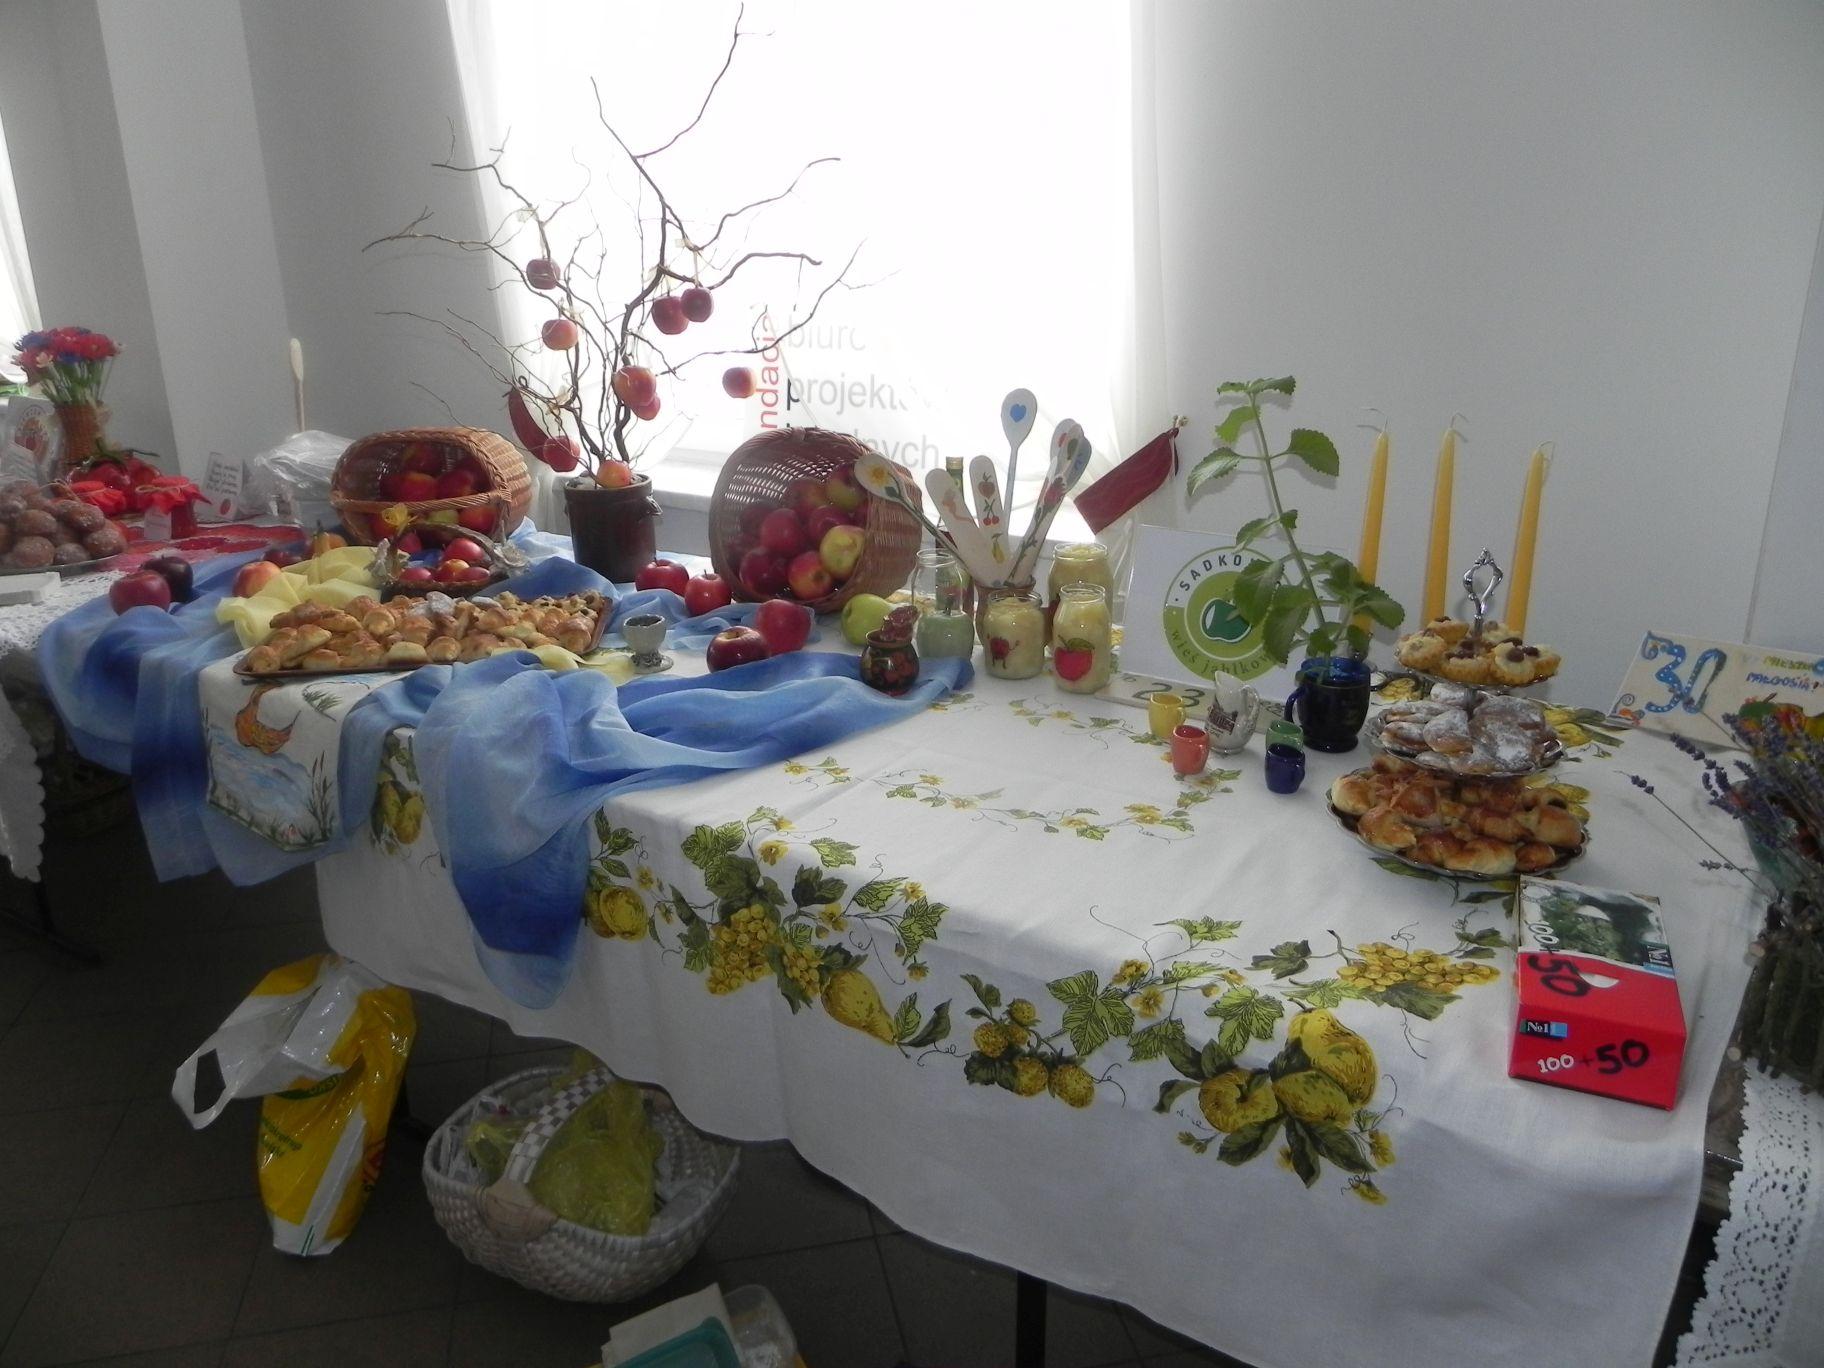 2012-12-14 Wilkowice - Konferencja Wioski tematyczne (32)